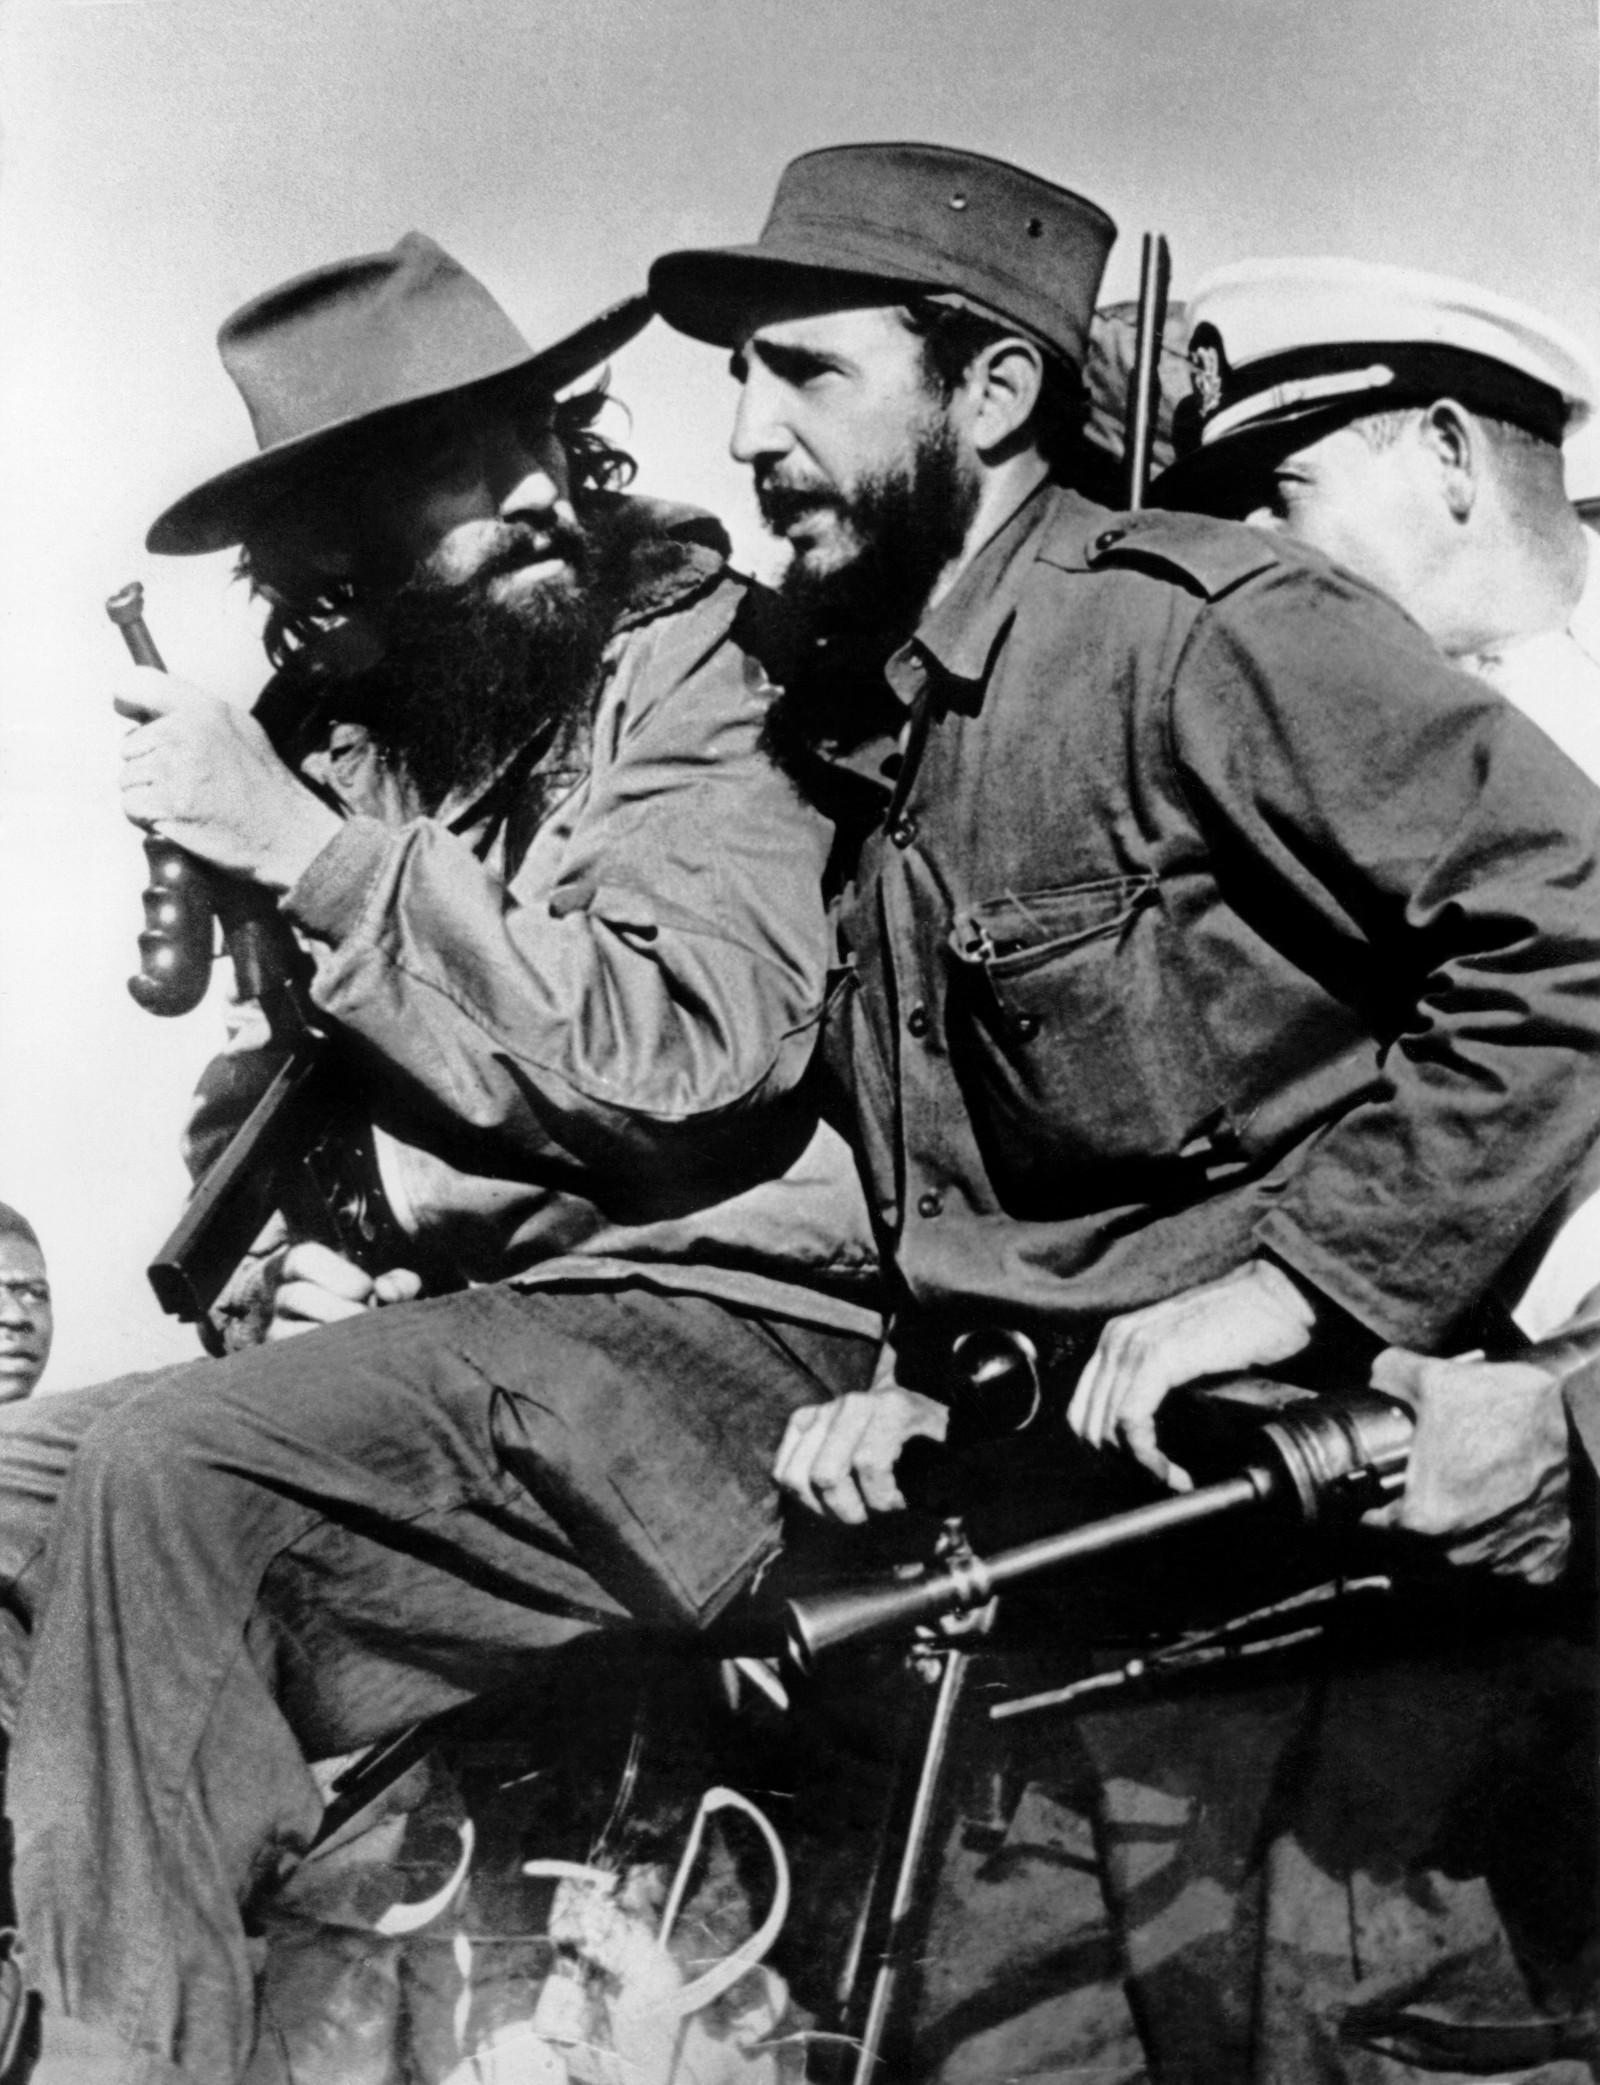 8. januar 1959 inntok Fidel Castro og hans menn Havana etter at diktatoren Fulgencio Batista hadde flyktet. Her er Castro avbildet sammen med Camilo Cienfuegos, en av 26. juni-bevegelsens frontfigurer sammen med Castro og Che Guevara. Cienfuegos omkom i en flyulykke 28. oktober 1959, kun 27 år gammel.